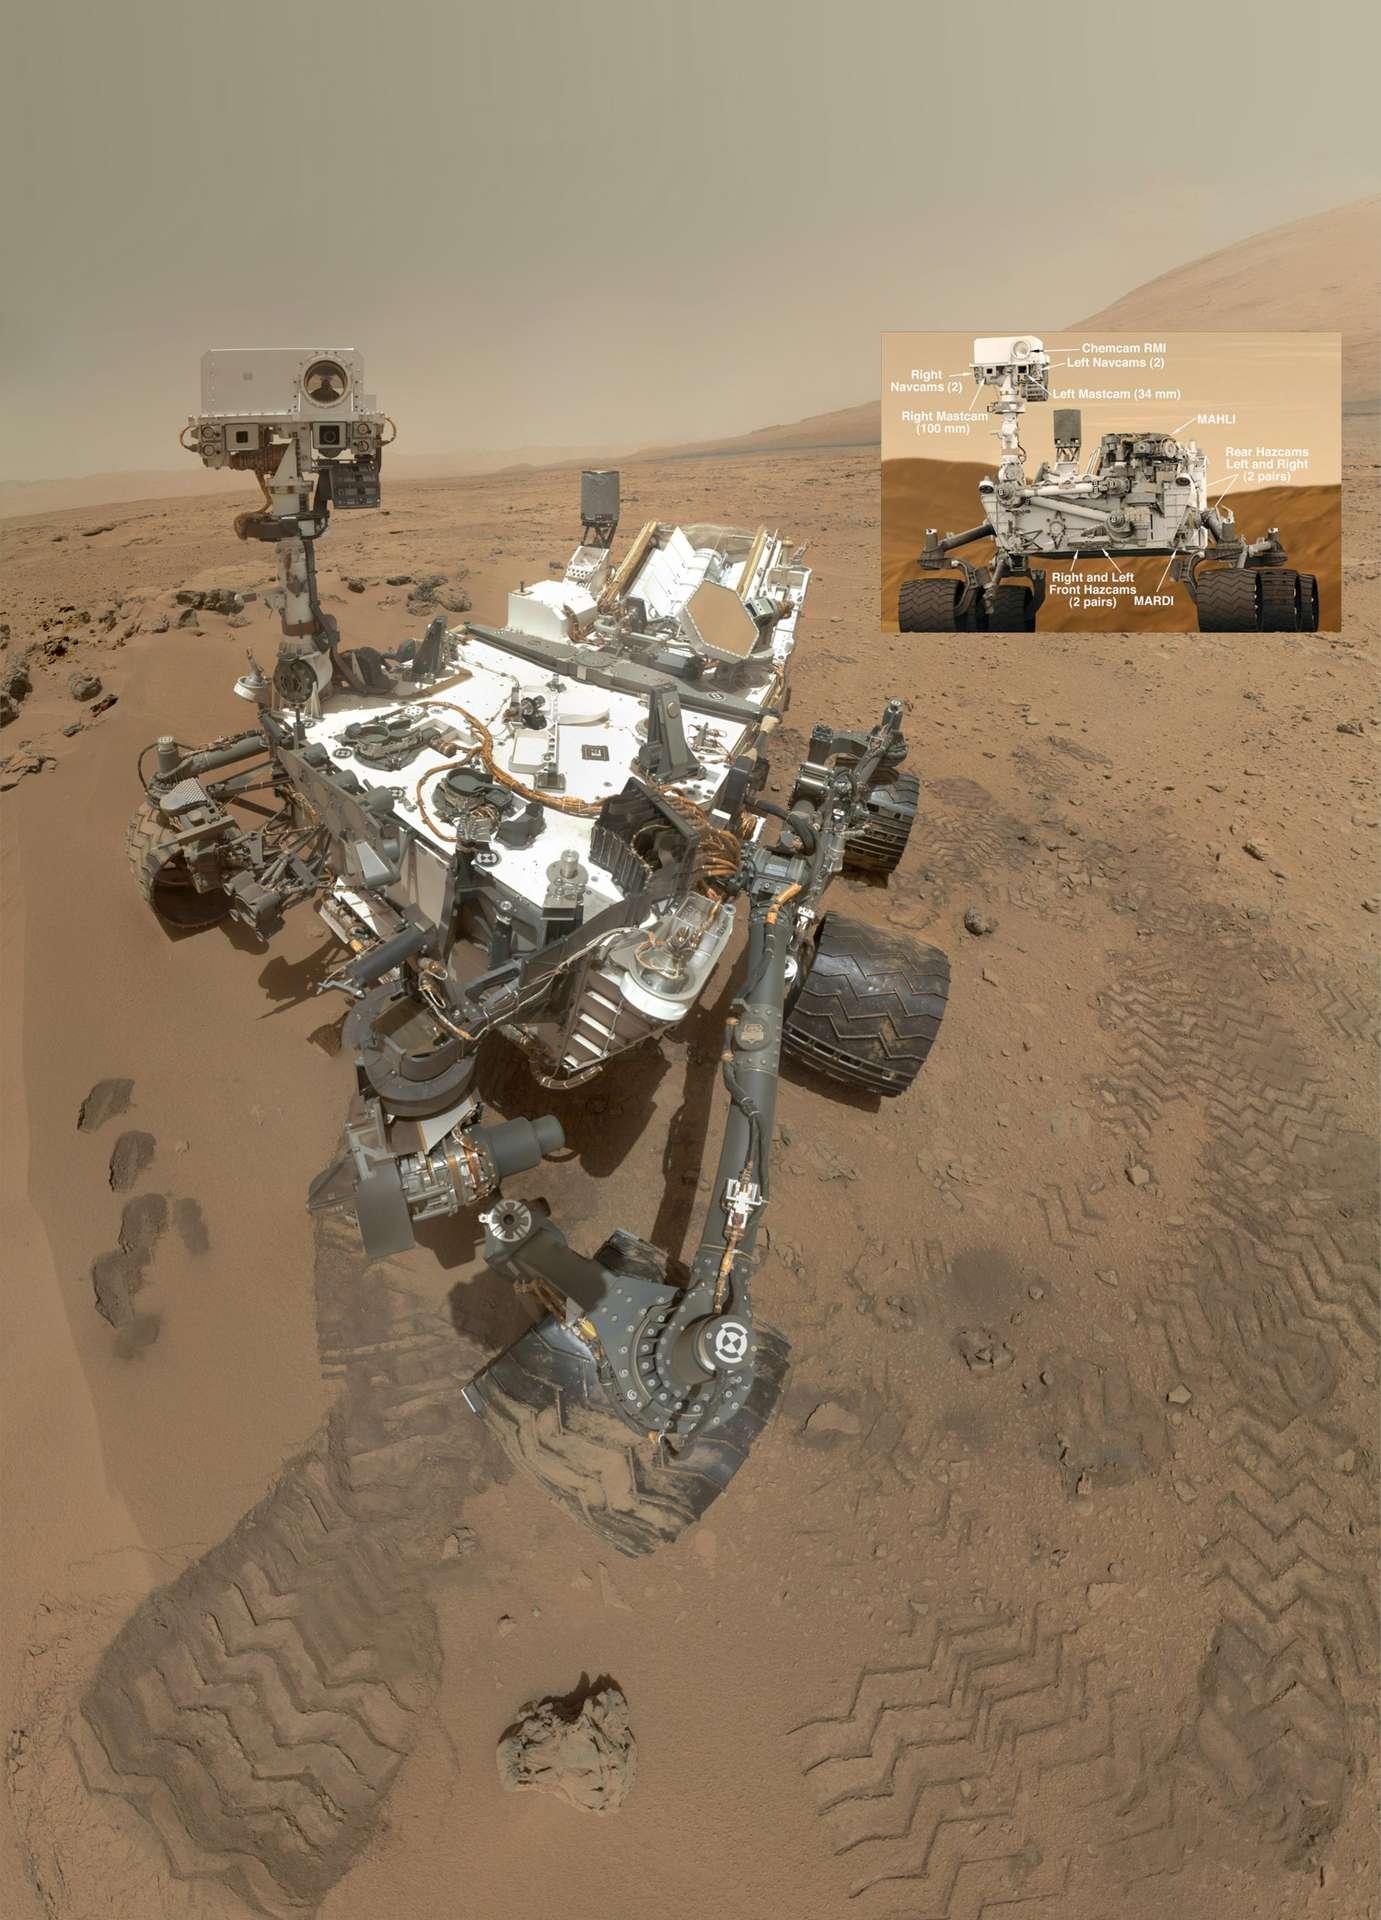 Avec une masse de 900 kg, dont 80 de charge utile (10 instruments), Curiosity est de loin le rover le plus grand et le plus ambitieux de toutes les précédentes missions qui ont foulé Mars. Il est bien plus lourd que les 10,5 kg du Sojourner de Mars Pathfinder (1997) et les 170 kg des Spirit et Opportunity de la mission Mer (2004). On le voit ici sur une image composite, résultant de l'assemblage de 55 prises de vue de la caméra Mahli. Le bras porteur de cet instrument ne figure pas sur l'image mais la caméra est visible dans le télescope de ChemCam, tout en haut. © Nasa/JPL-Caltech/Malin Space Science Systems